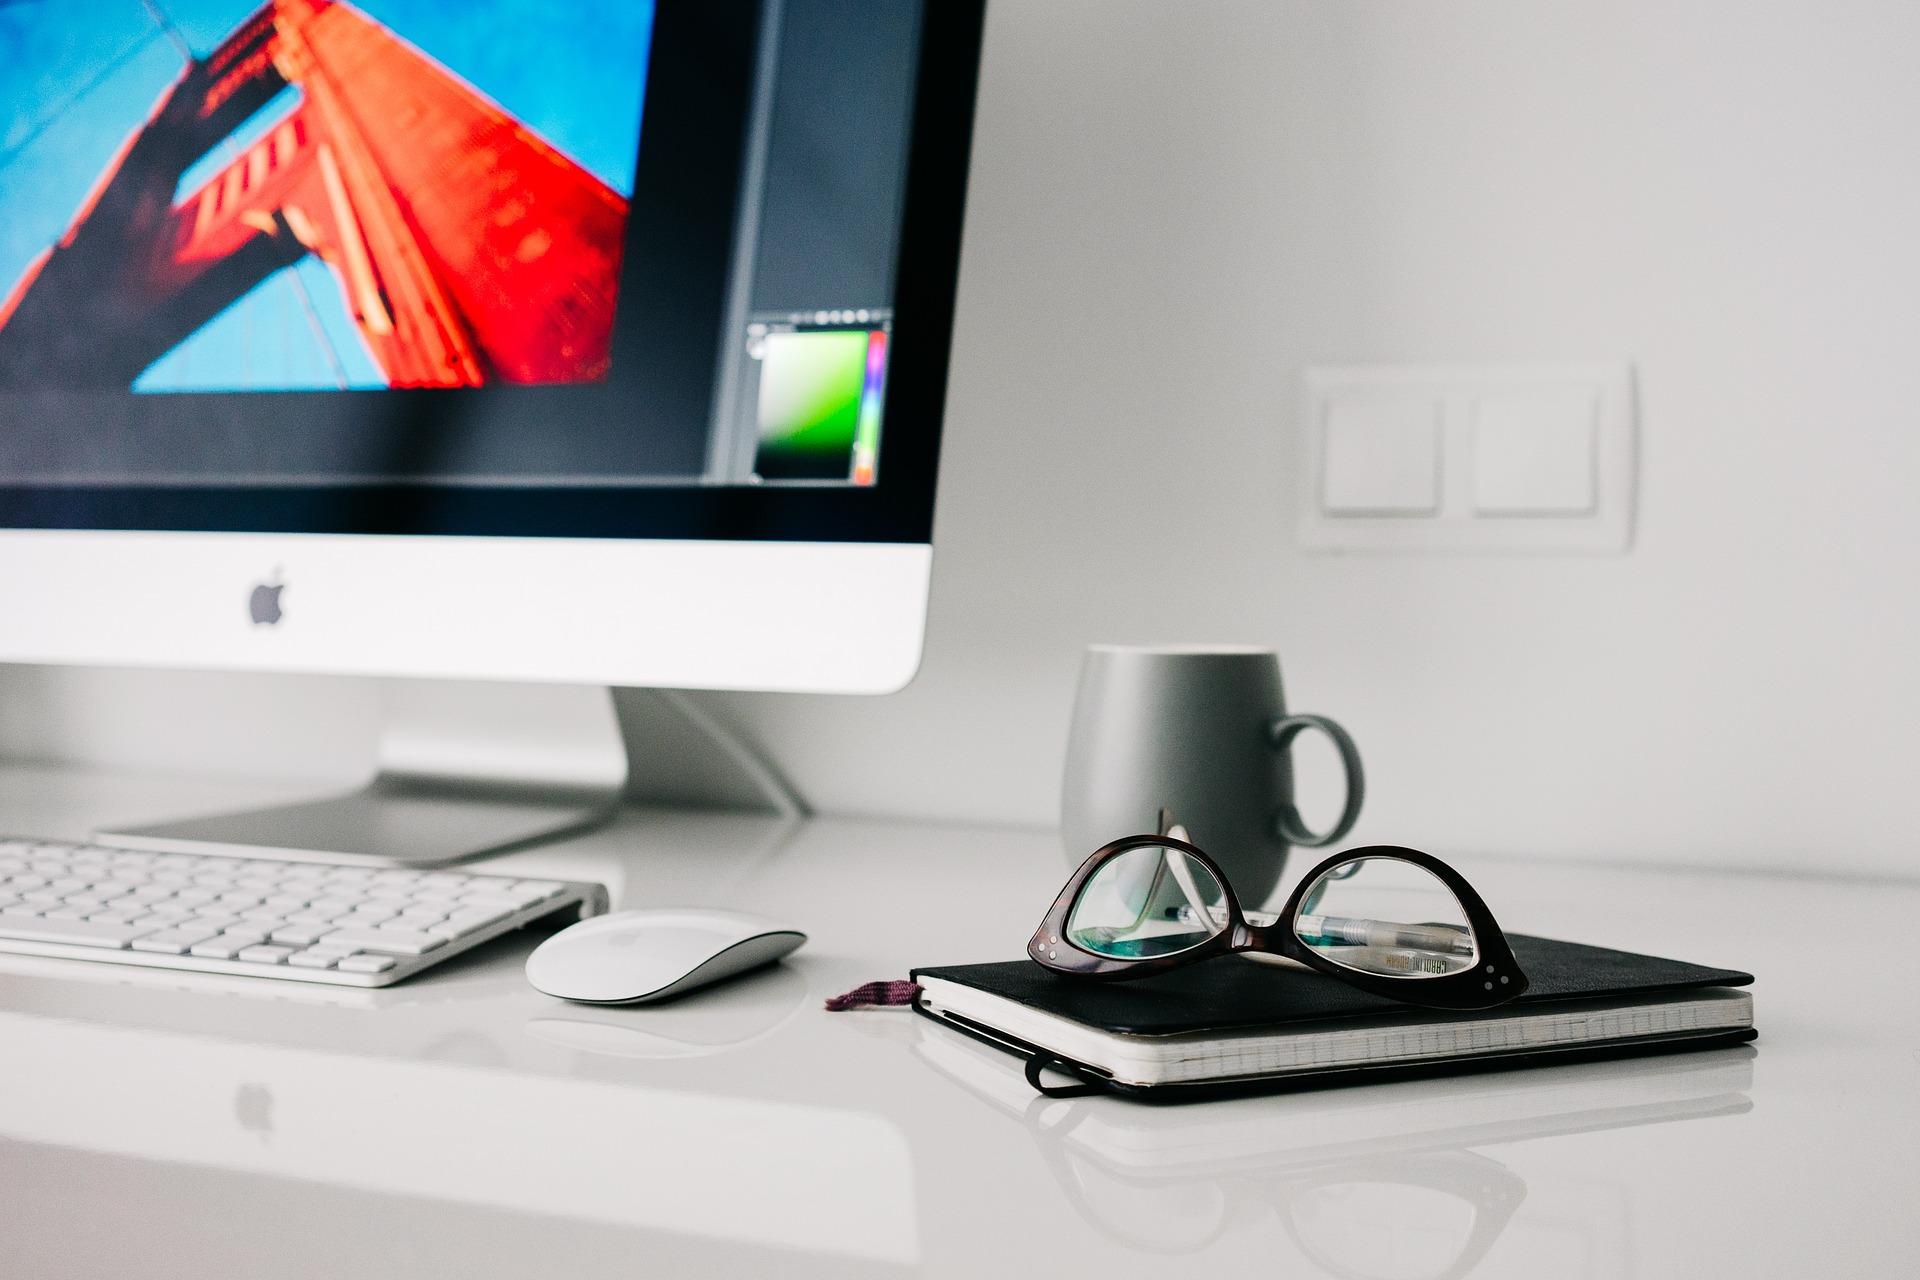 macbook väreillä kuvastamassa saavutettavuussa